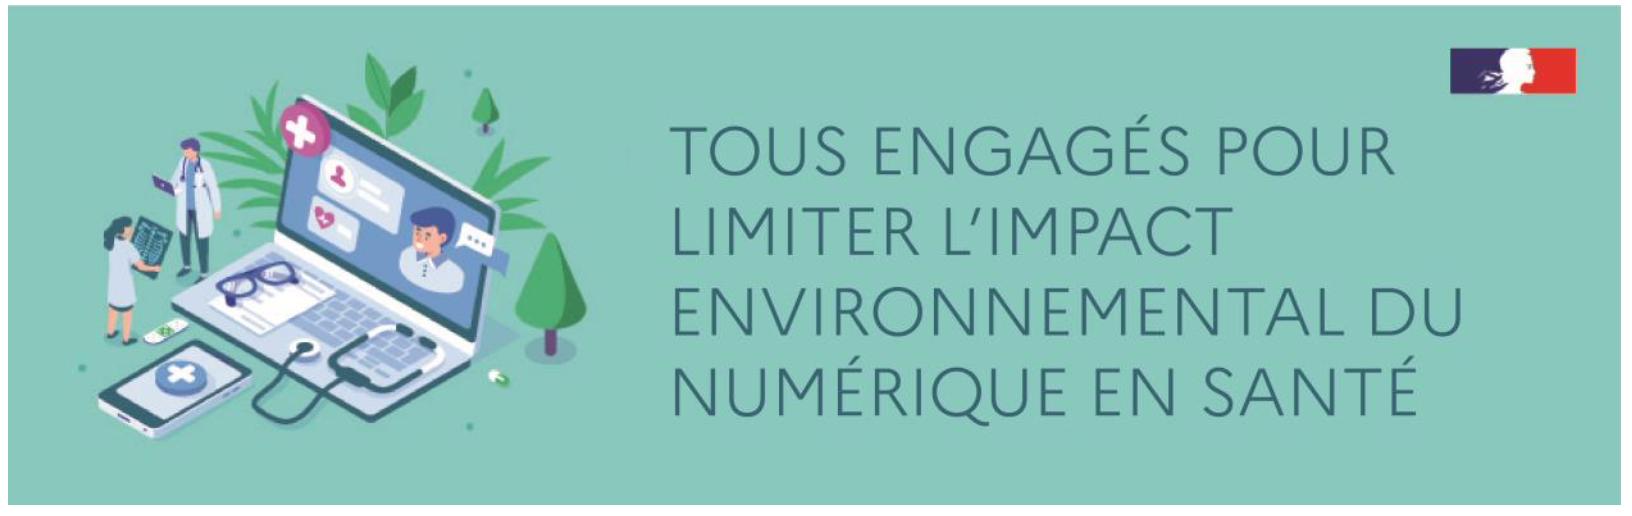 Tous engagés pour limiter l'impact environnemental du numérique en santé !